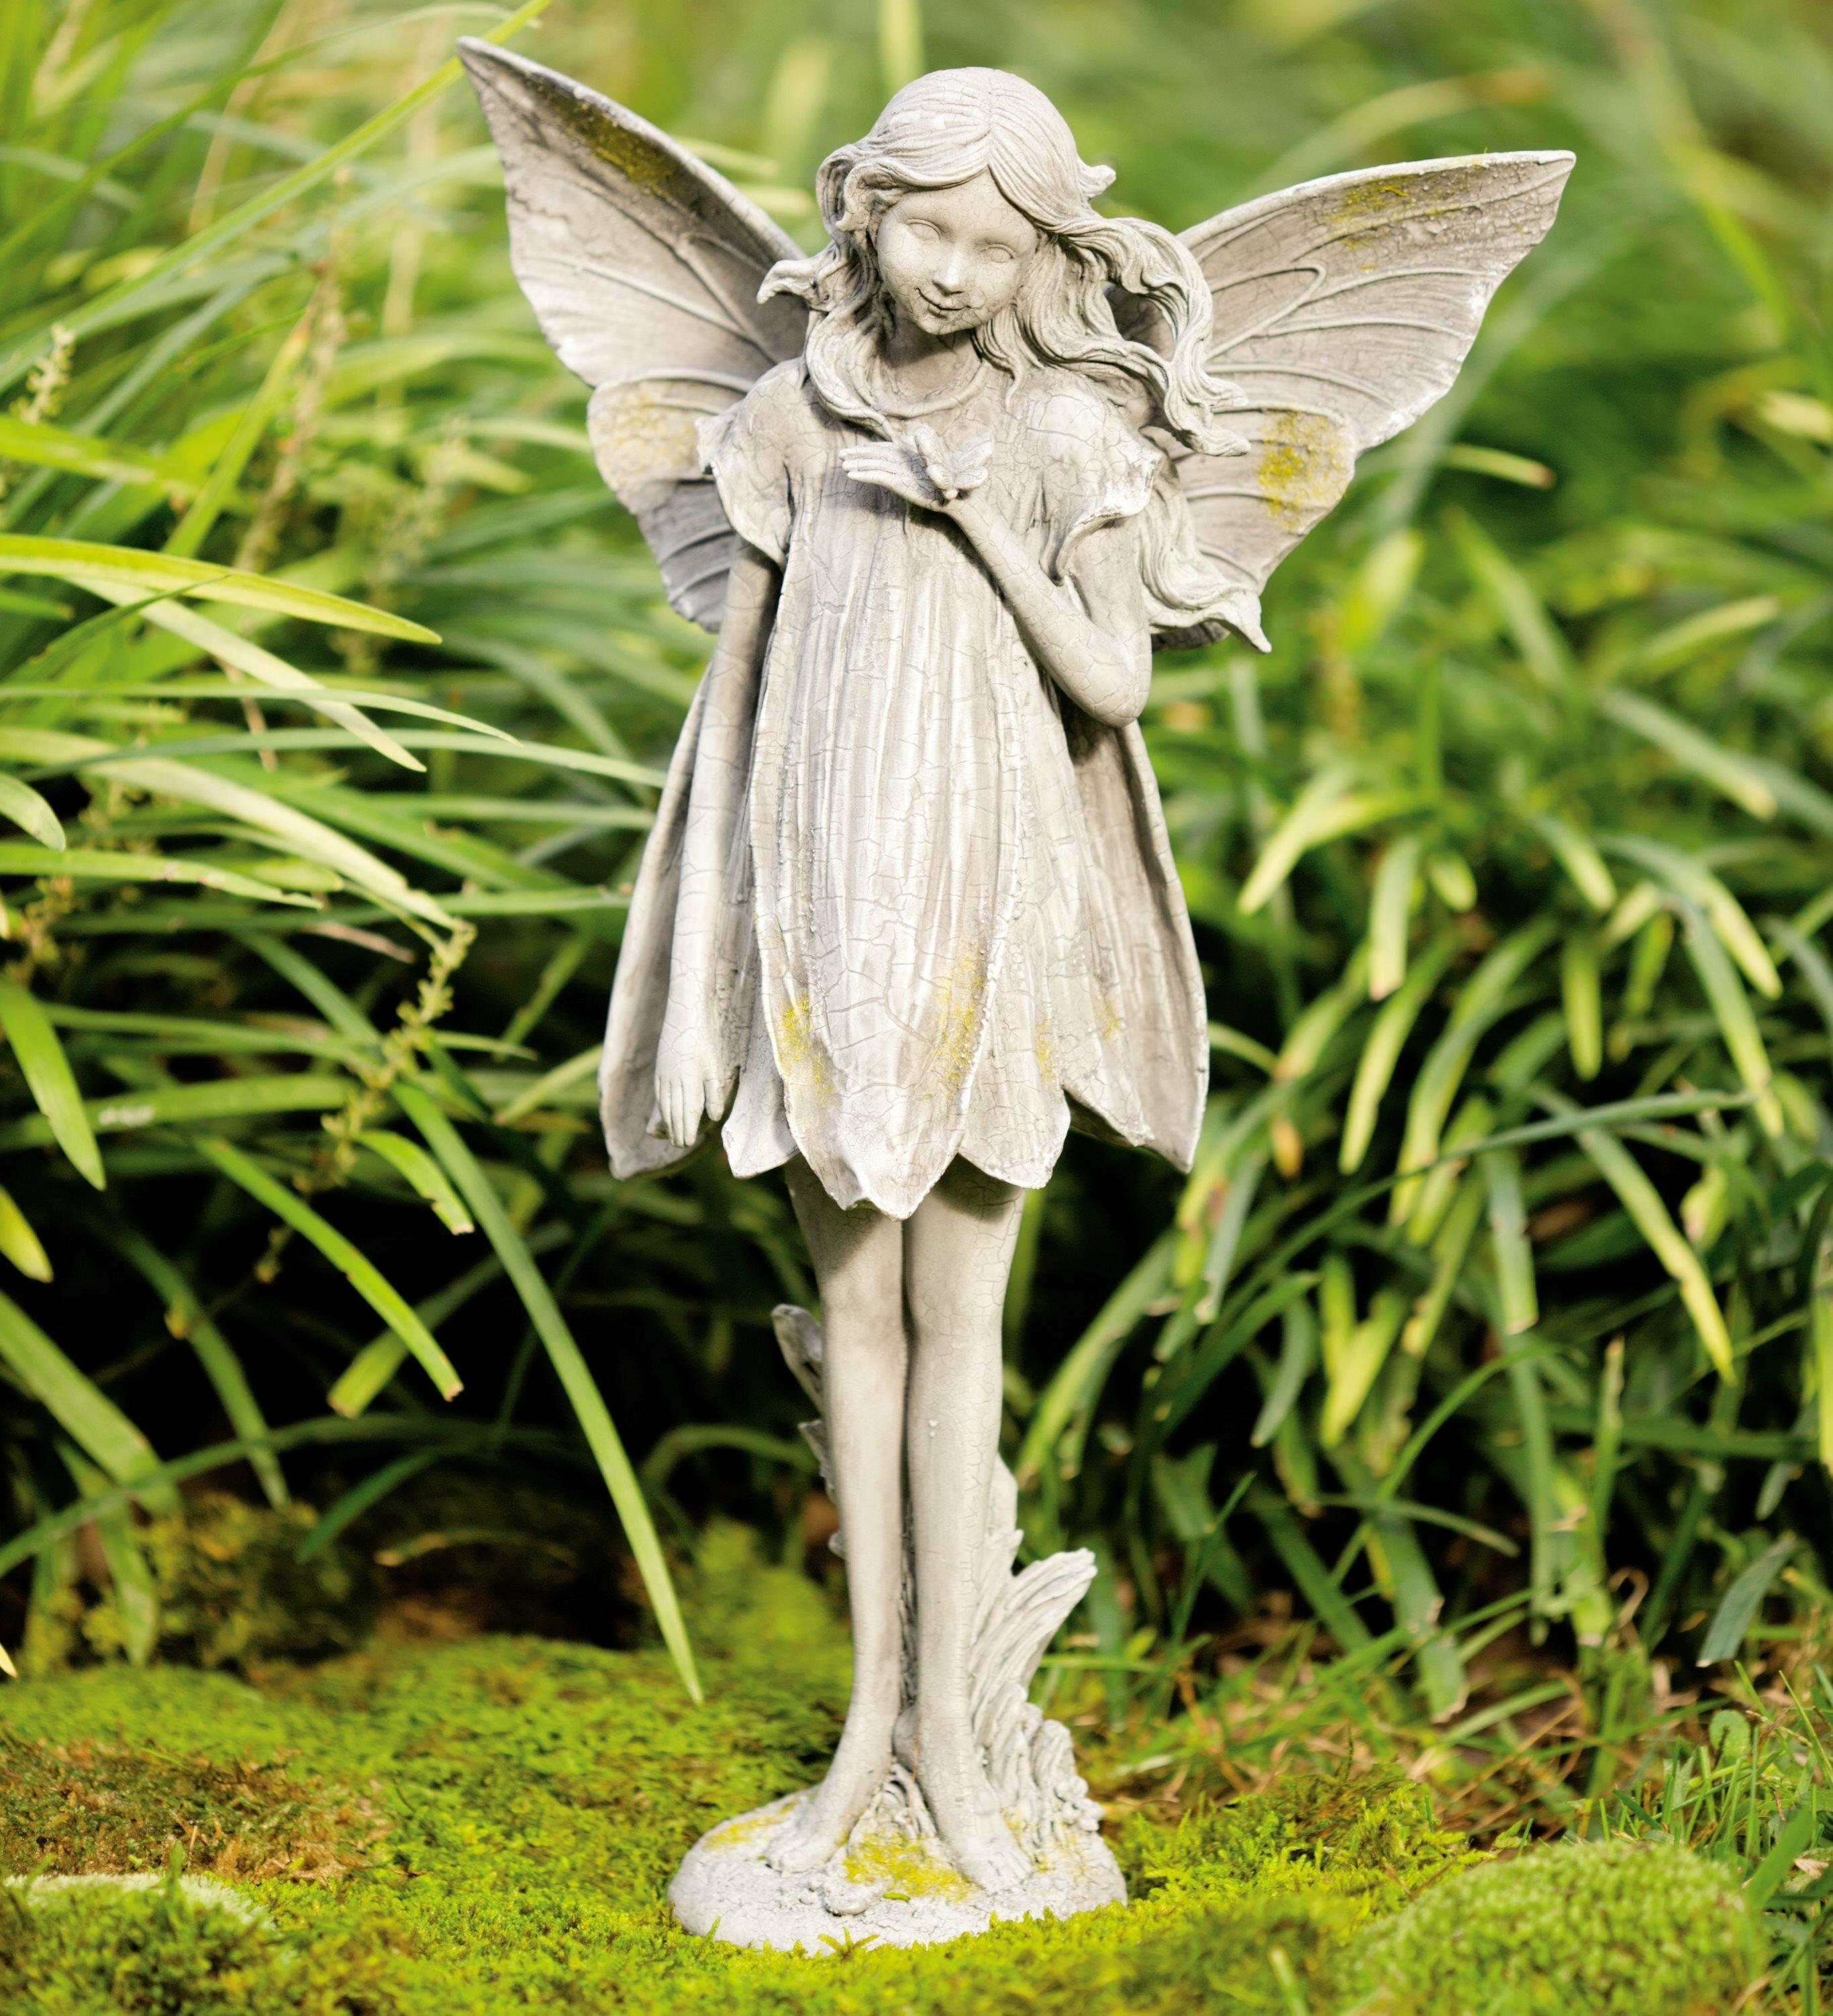 Attrayant Wind U0026 Weather Fairy Garden Statue U0026 Reviews | Wayfair